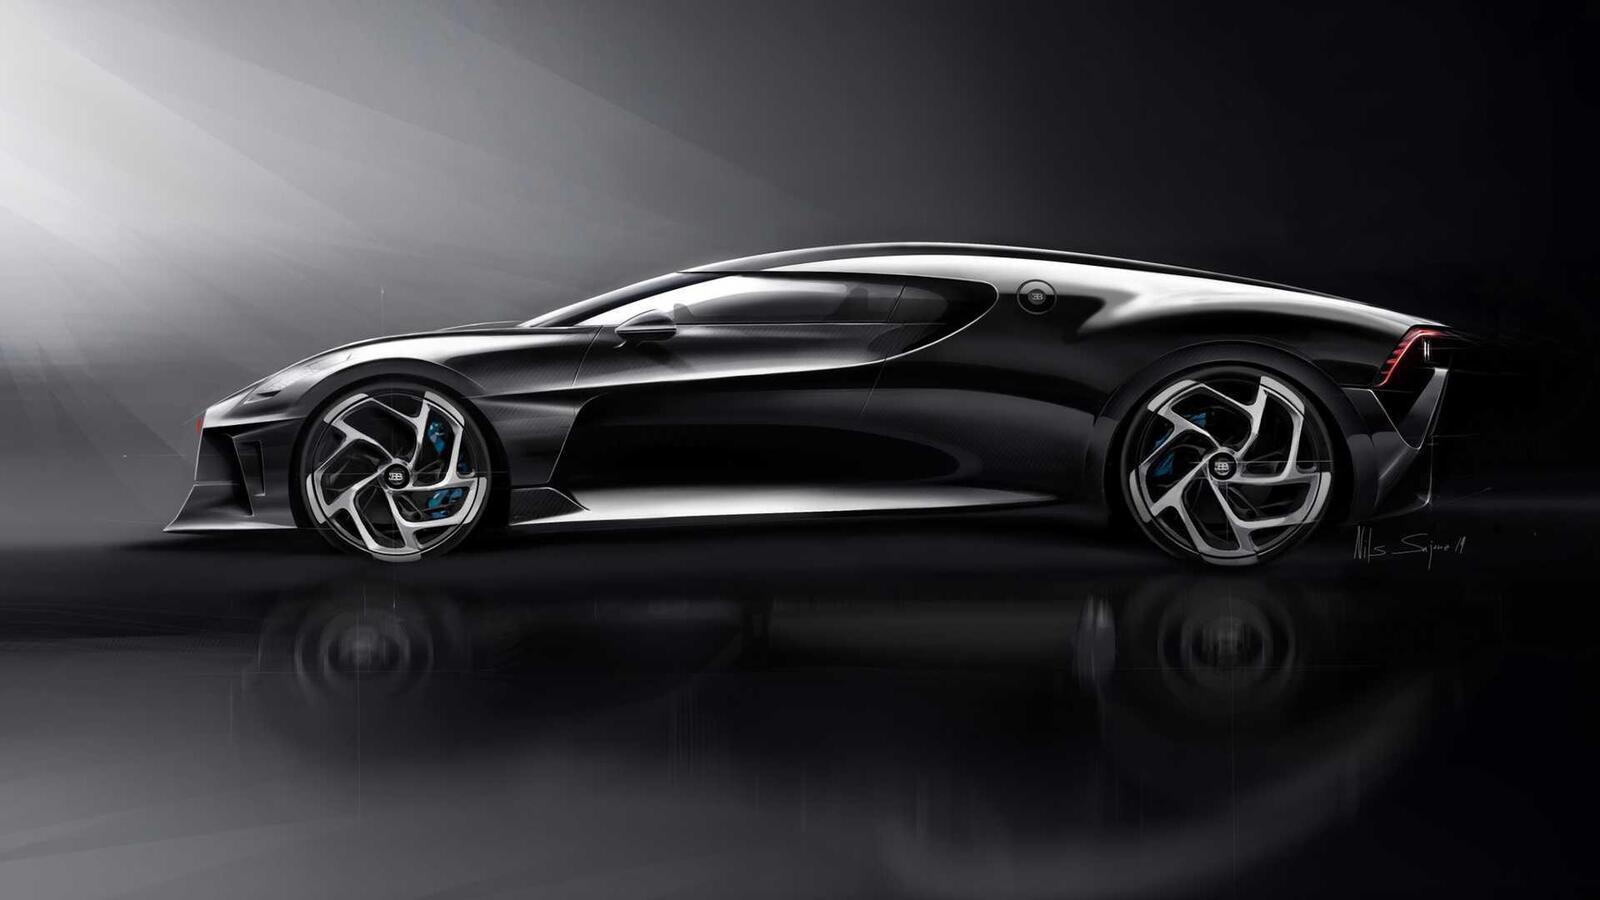 [GMS2019] Siêu phẩm Bugatti La Voatio Noire ra mắt: Chỉ một chiếc được sản xuất; giá hơn 259 tỷ đồng - Hình 8